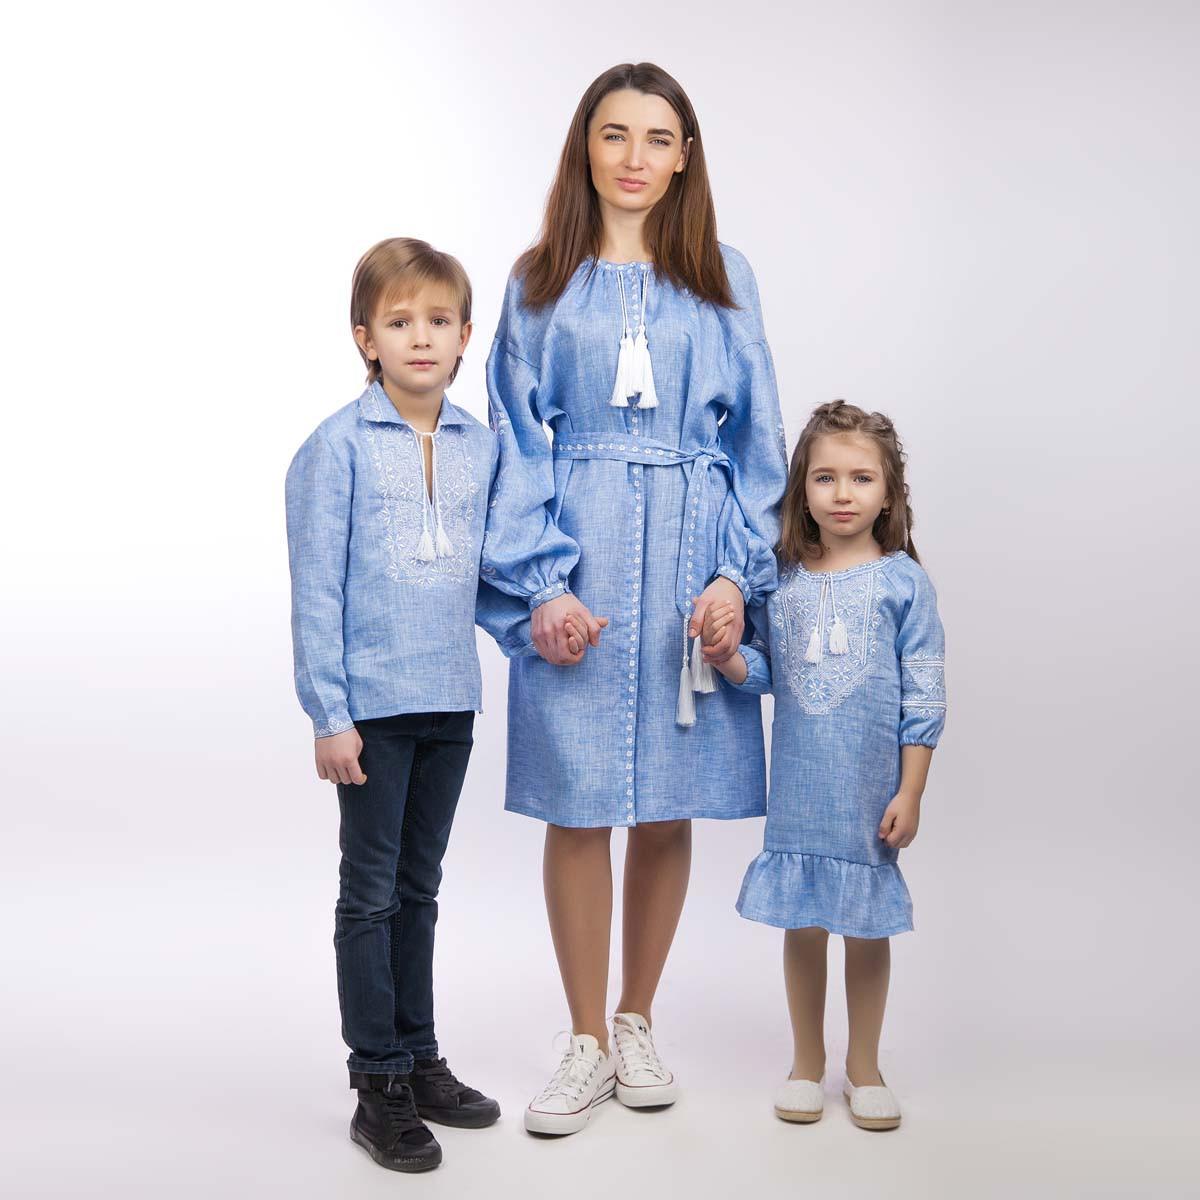 Детская вышиванка для мальчика, лен джинс, длинный рукав - фото 2